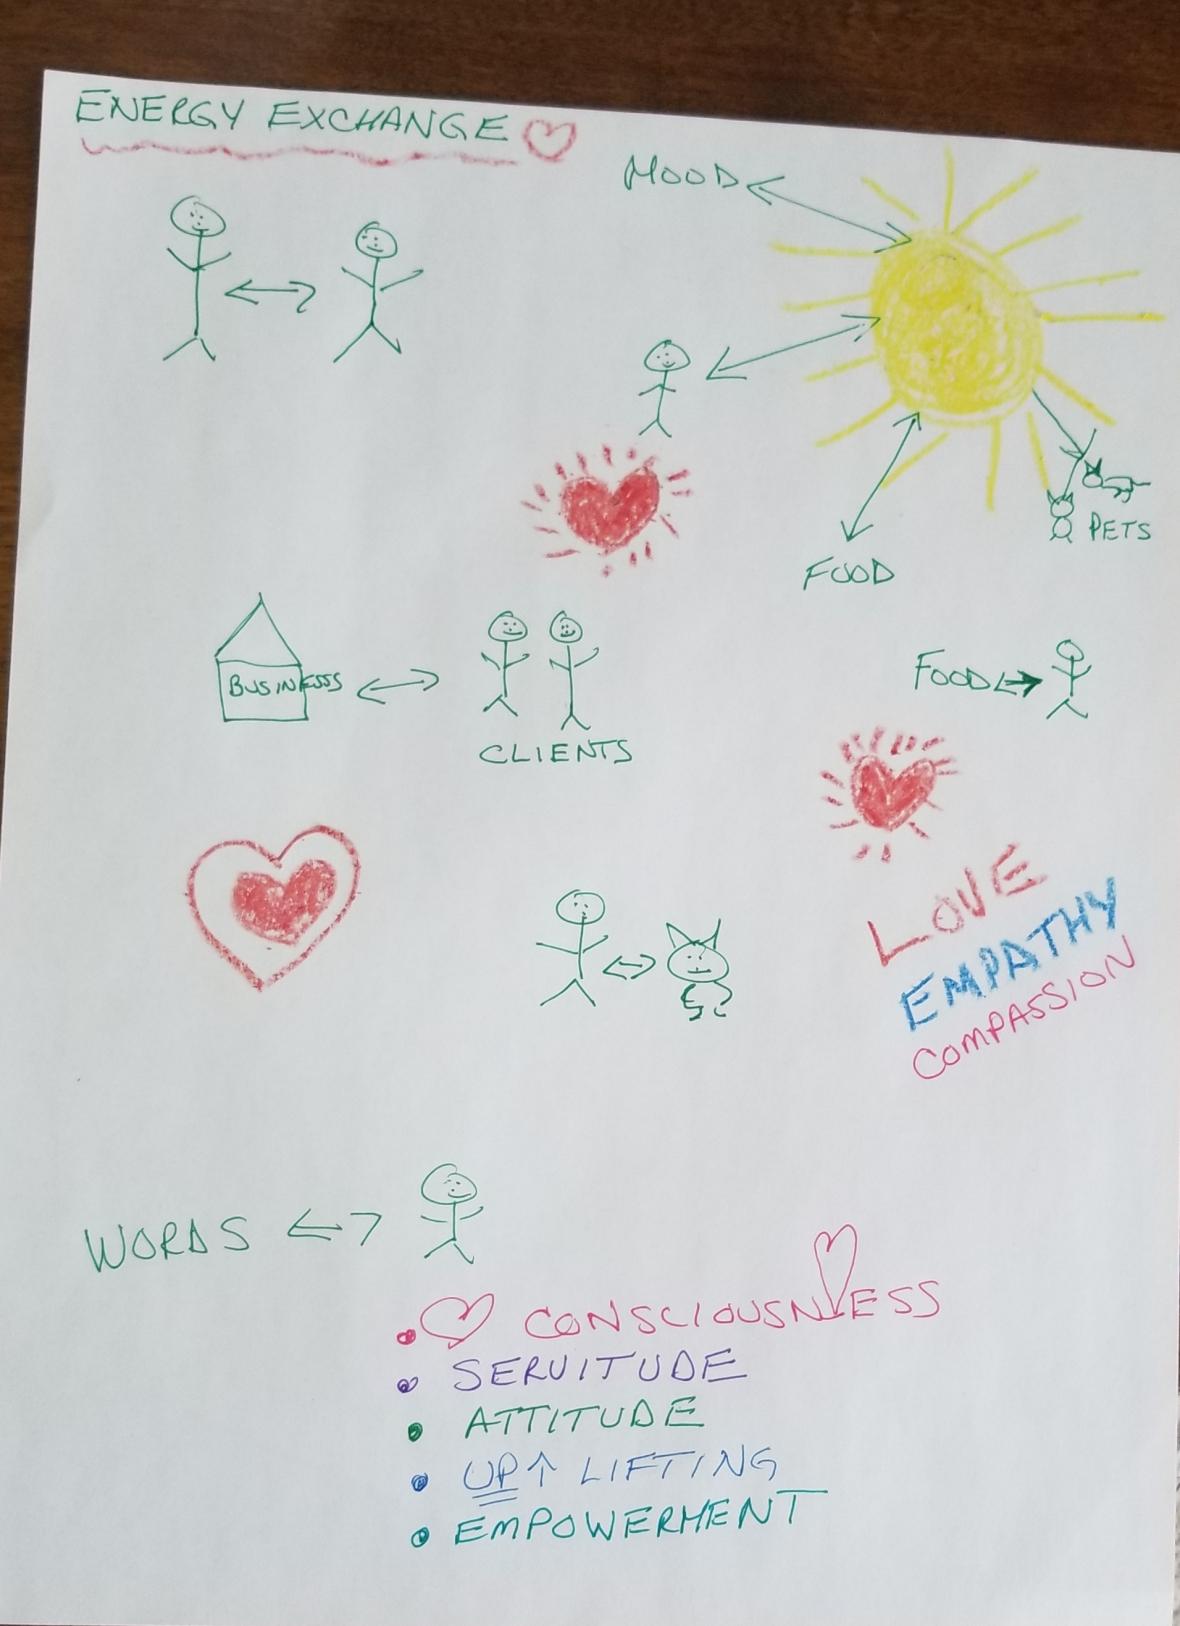 energy exchange picture